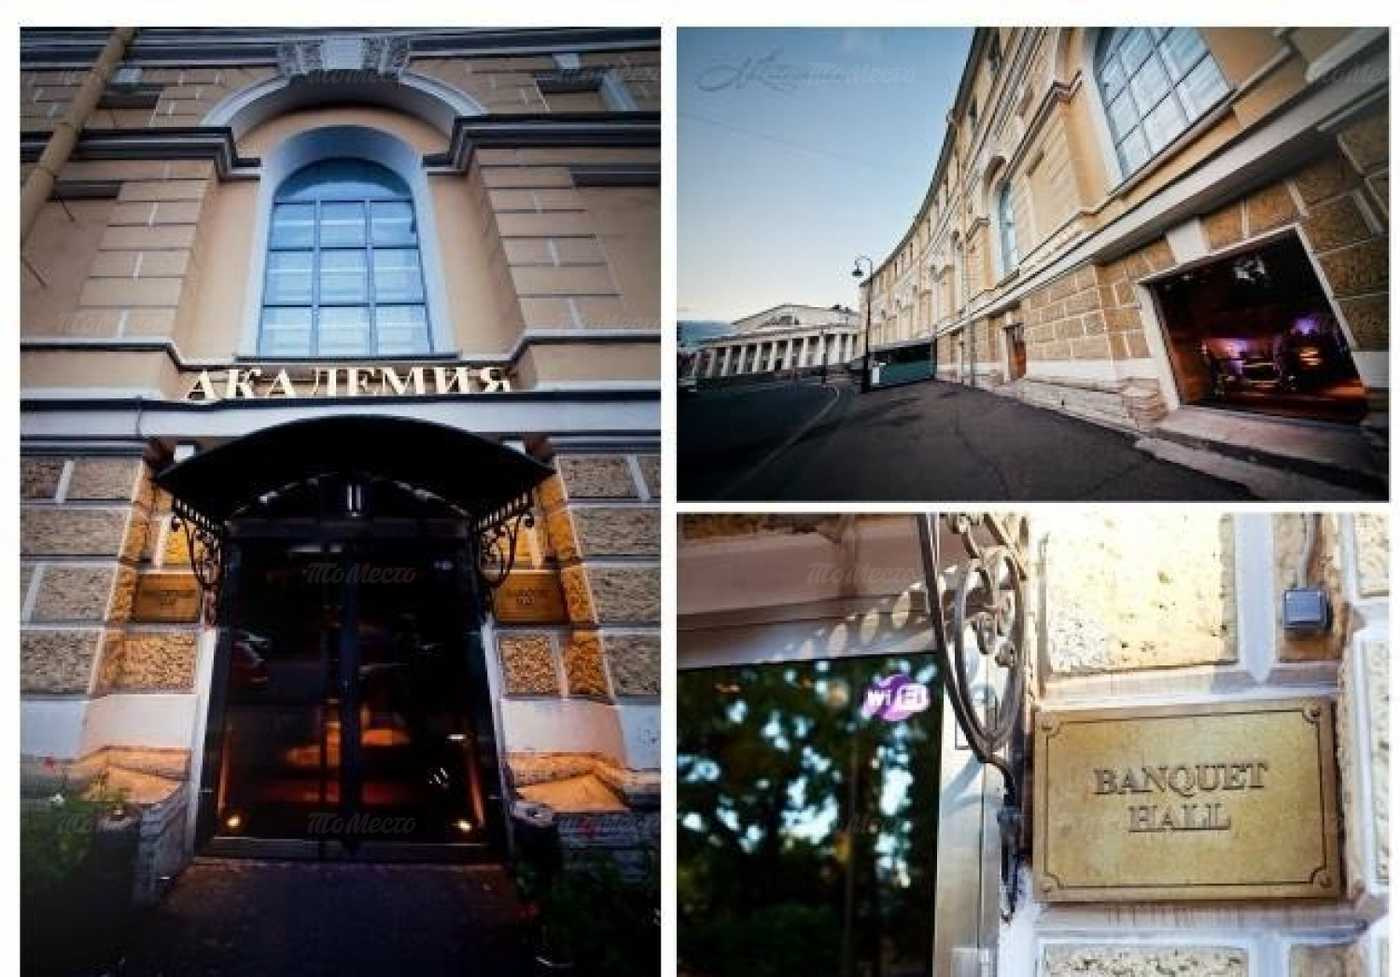 """Меню ресторана Банкет-холл """"Академия"""" (Academy) в Биржевом проезде"""